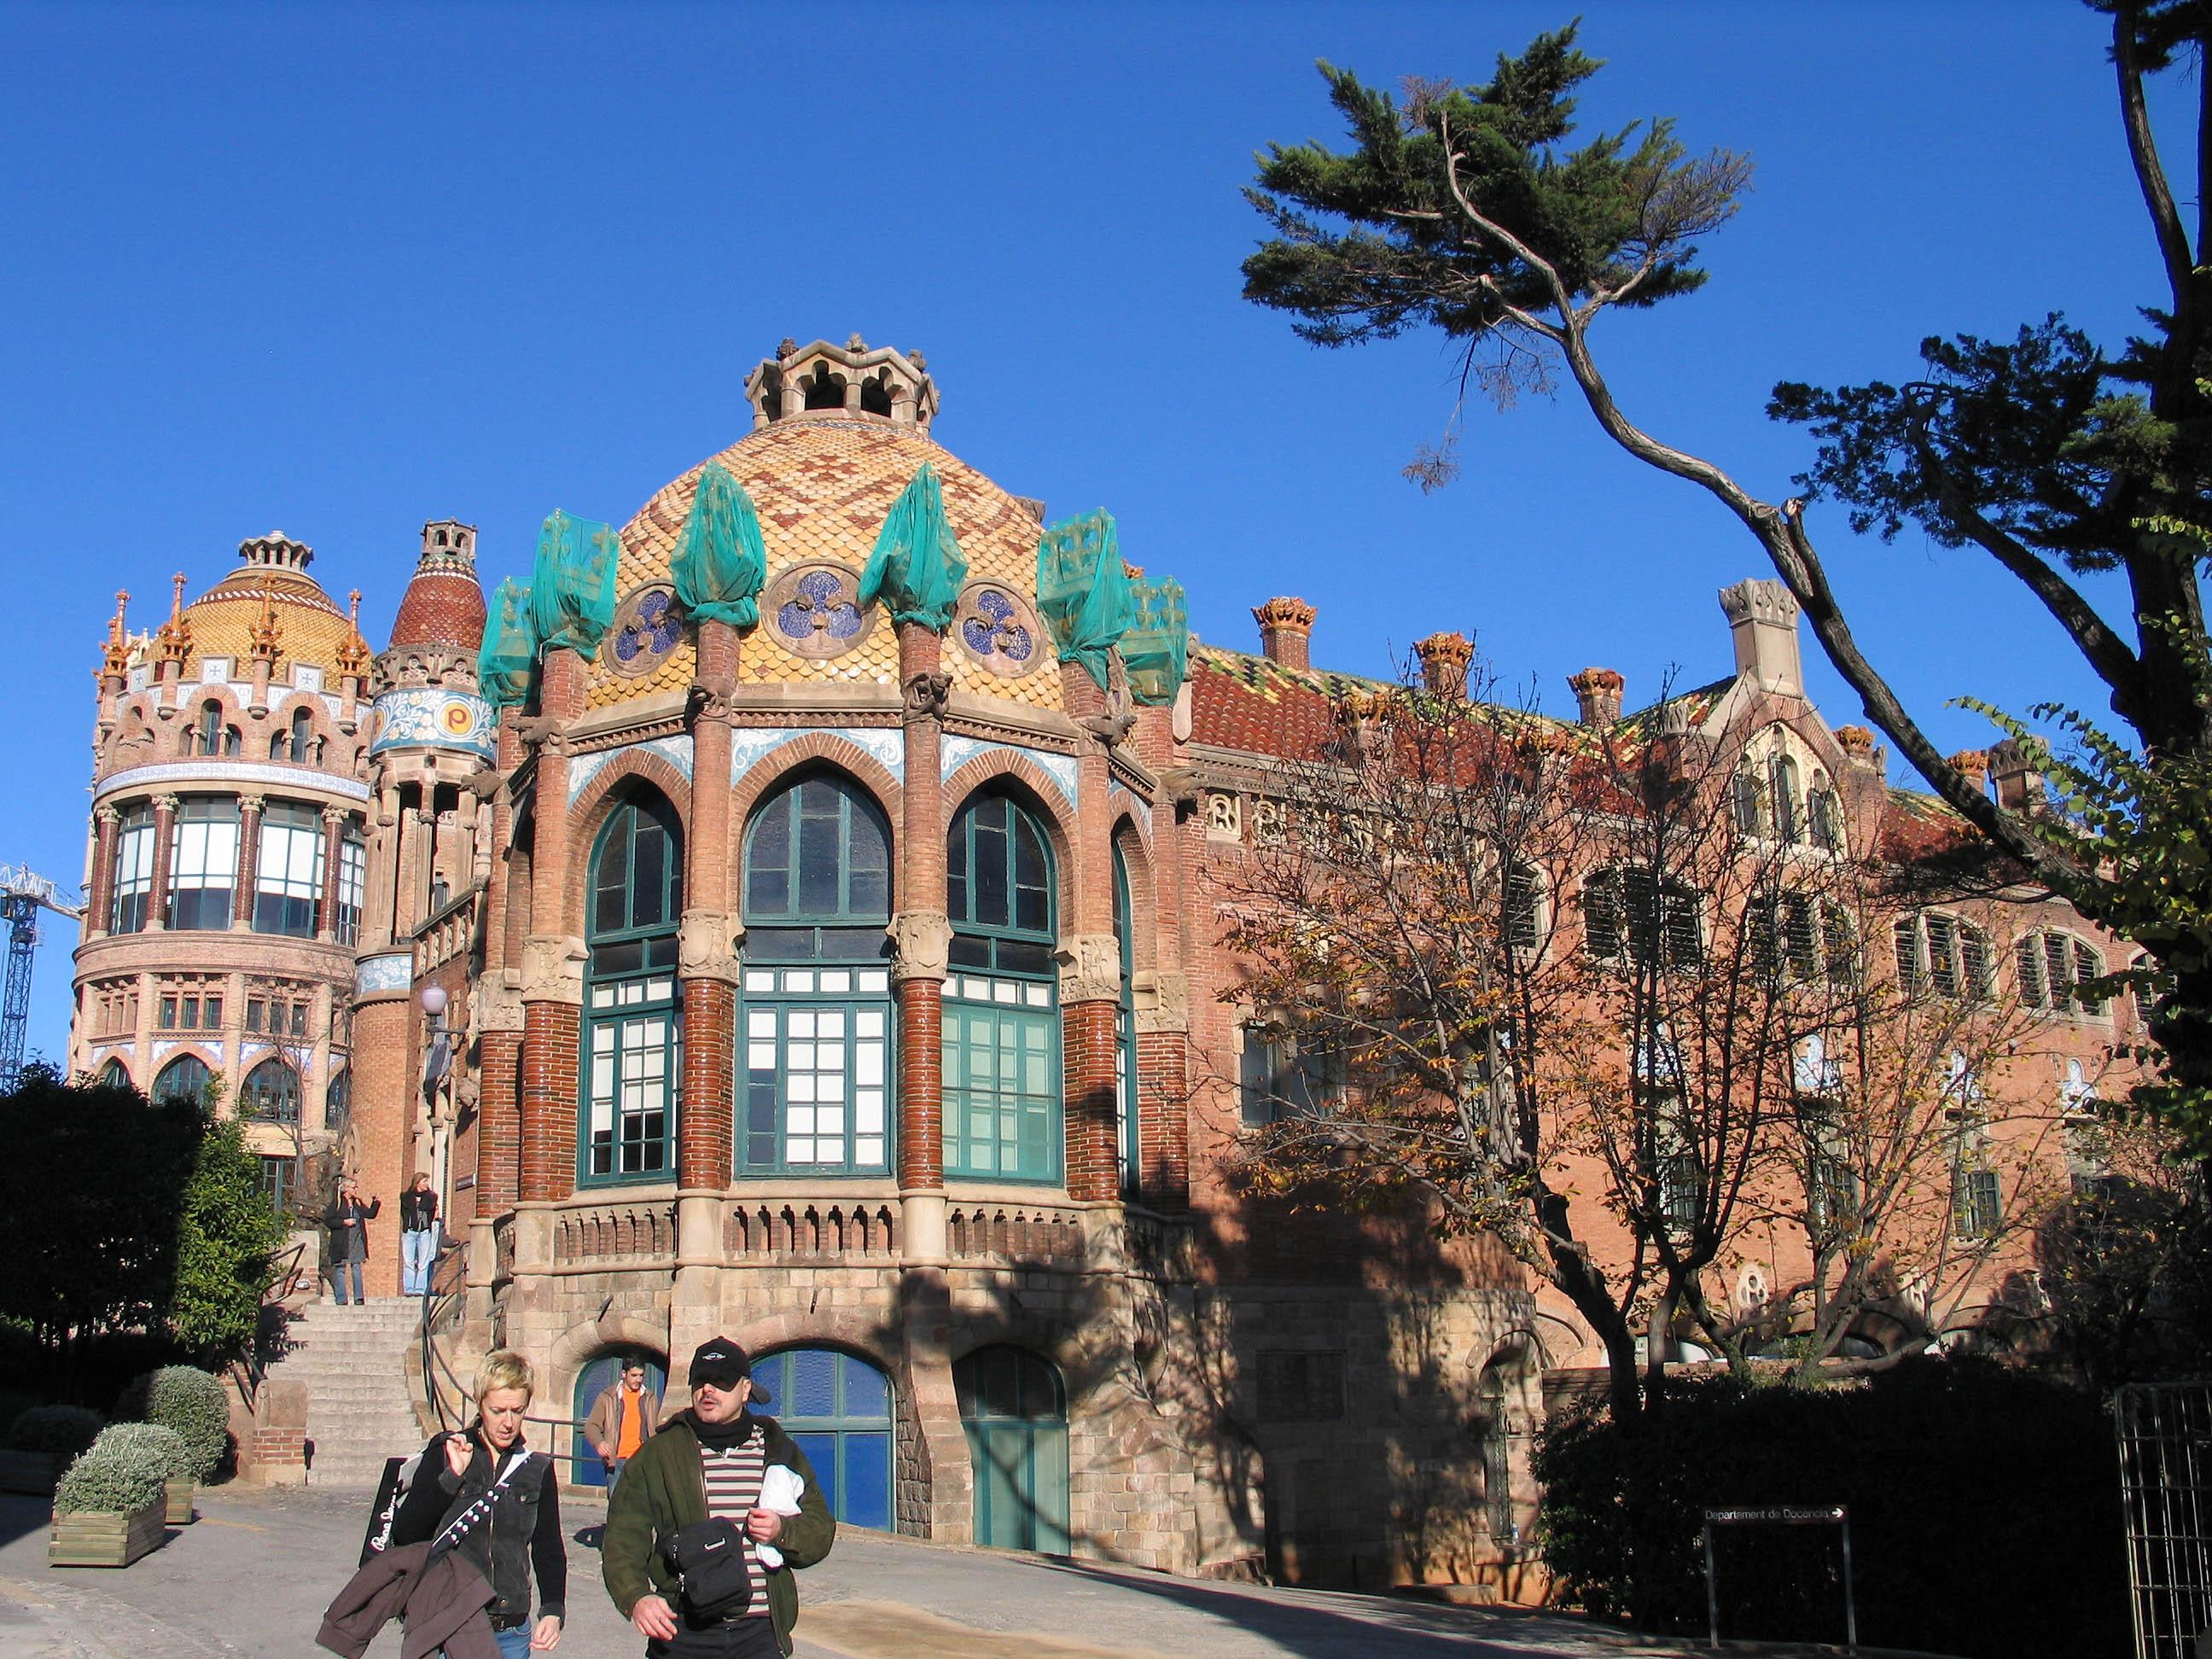 ファイル 20061225 barcelona hospital de la santa creu i sant pau 3